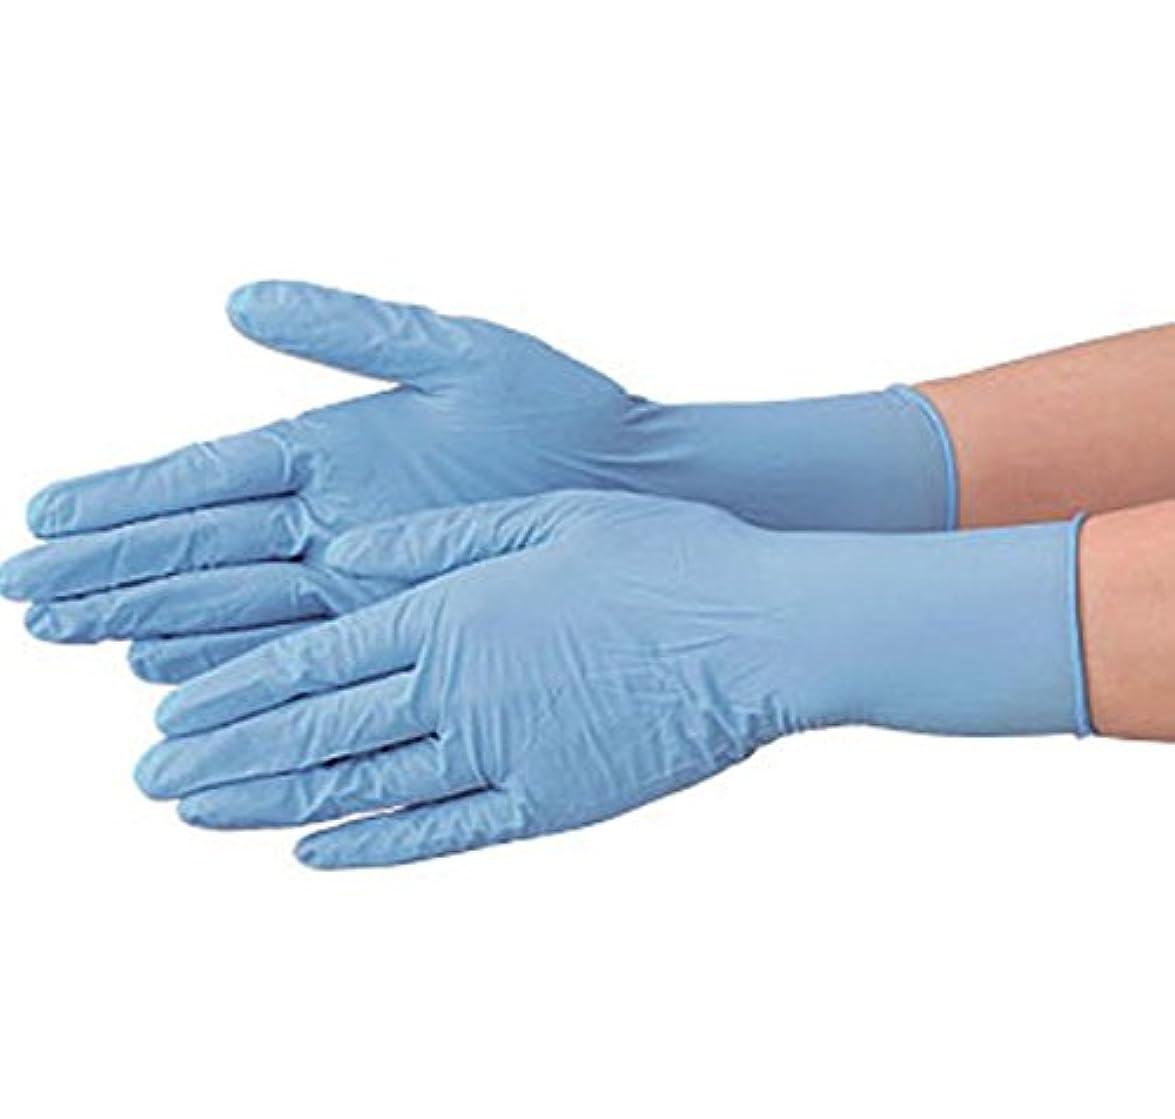 真向こうハムチャンピオンシップ使い捨て 手袋 エブノ 536 ニトリルNEOライト ブルー Lサイズ パウダーフリー 2ケース(100枚×60箱)